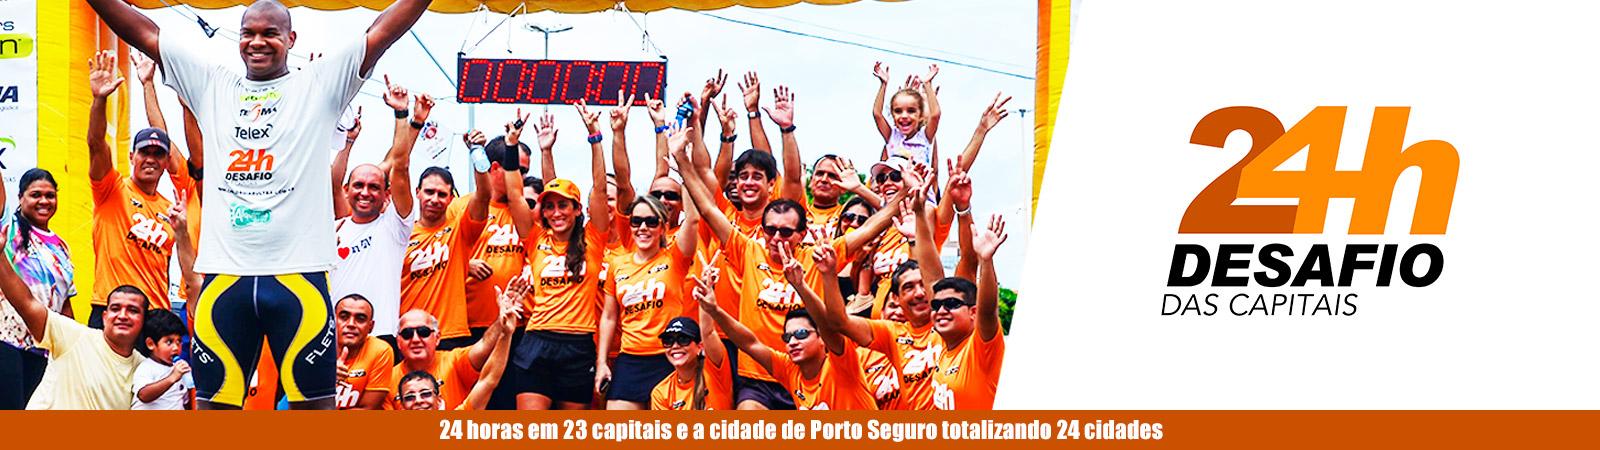 DESAFIO 24 HORAS DAS CAPITAIS - ETAPA BRASÍLIA/DF - Imagem de topo